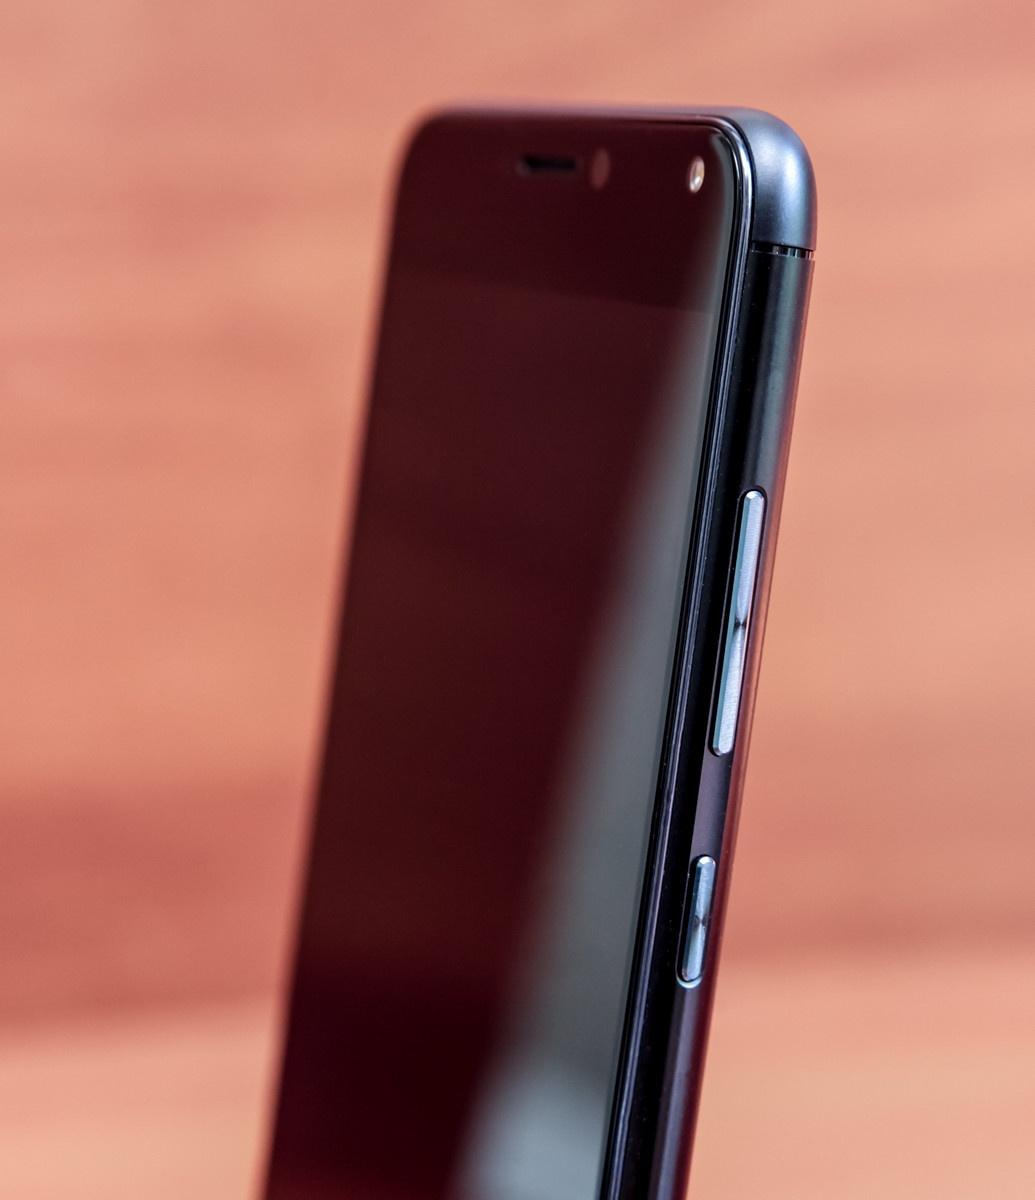 Обзор смартфона ASUS ZenFone 4 Max - 18